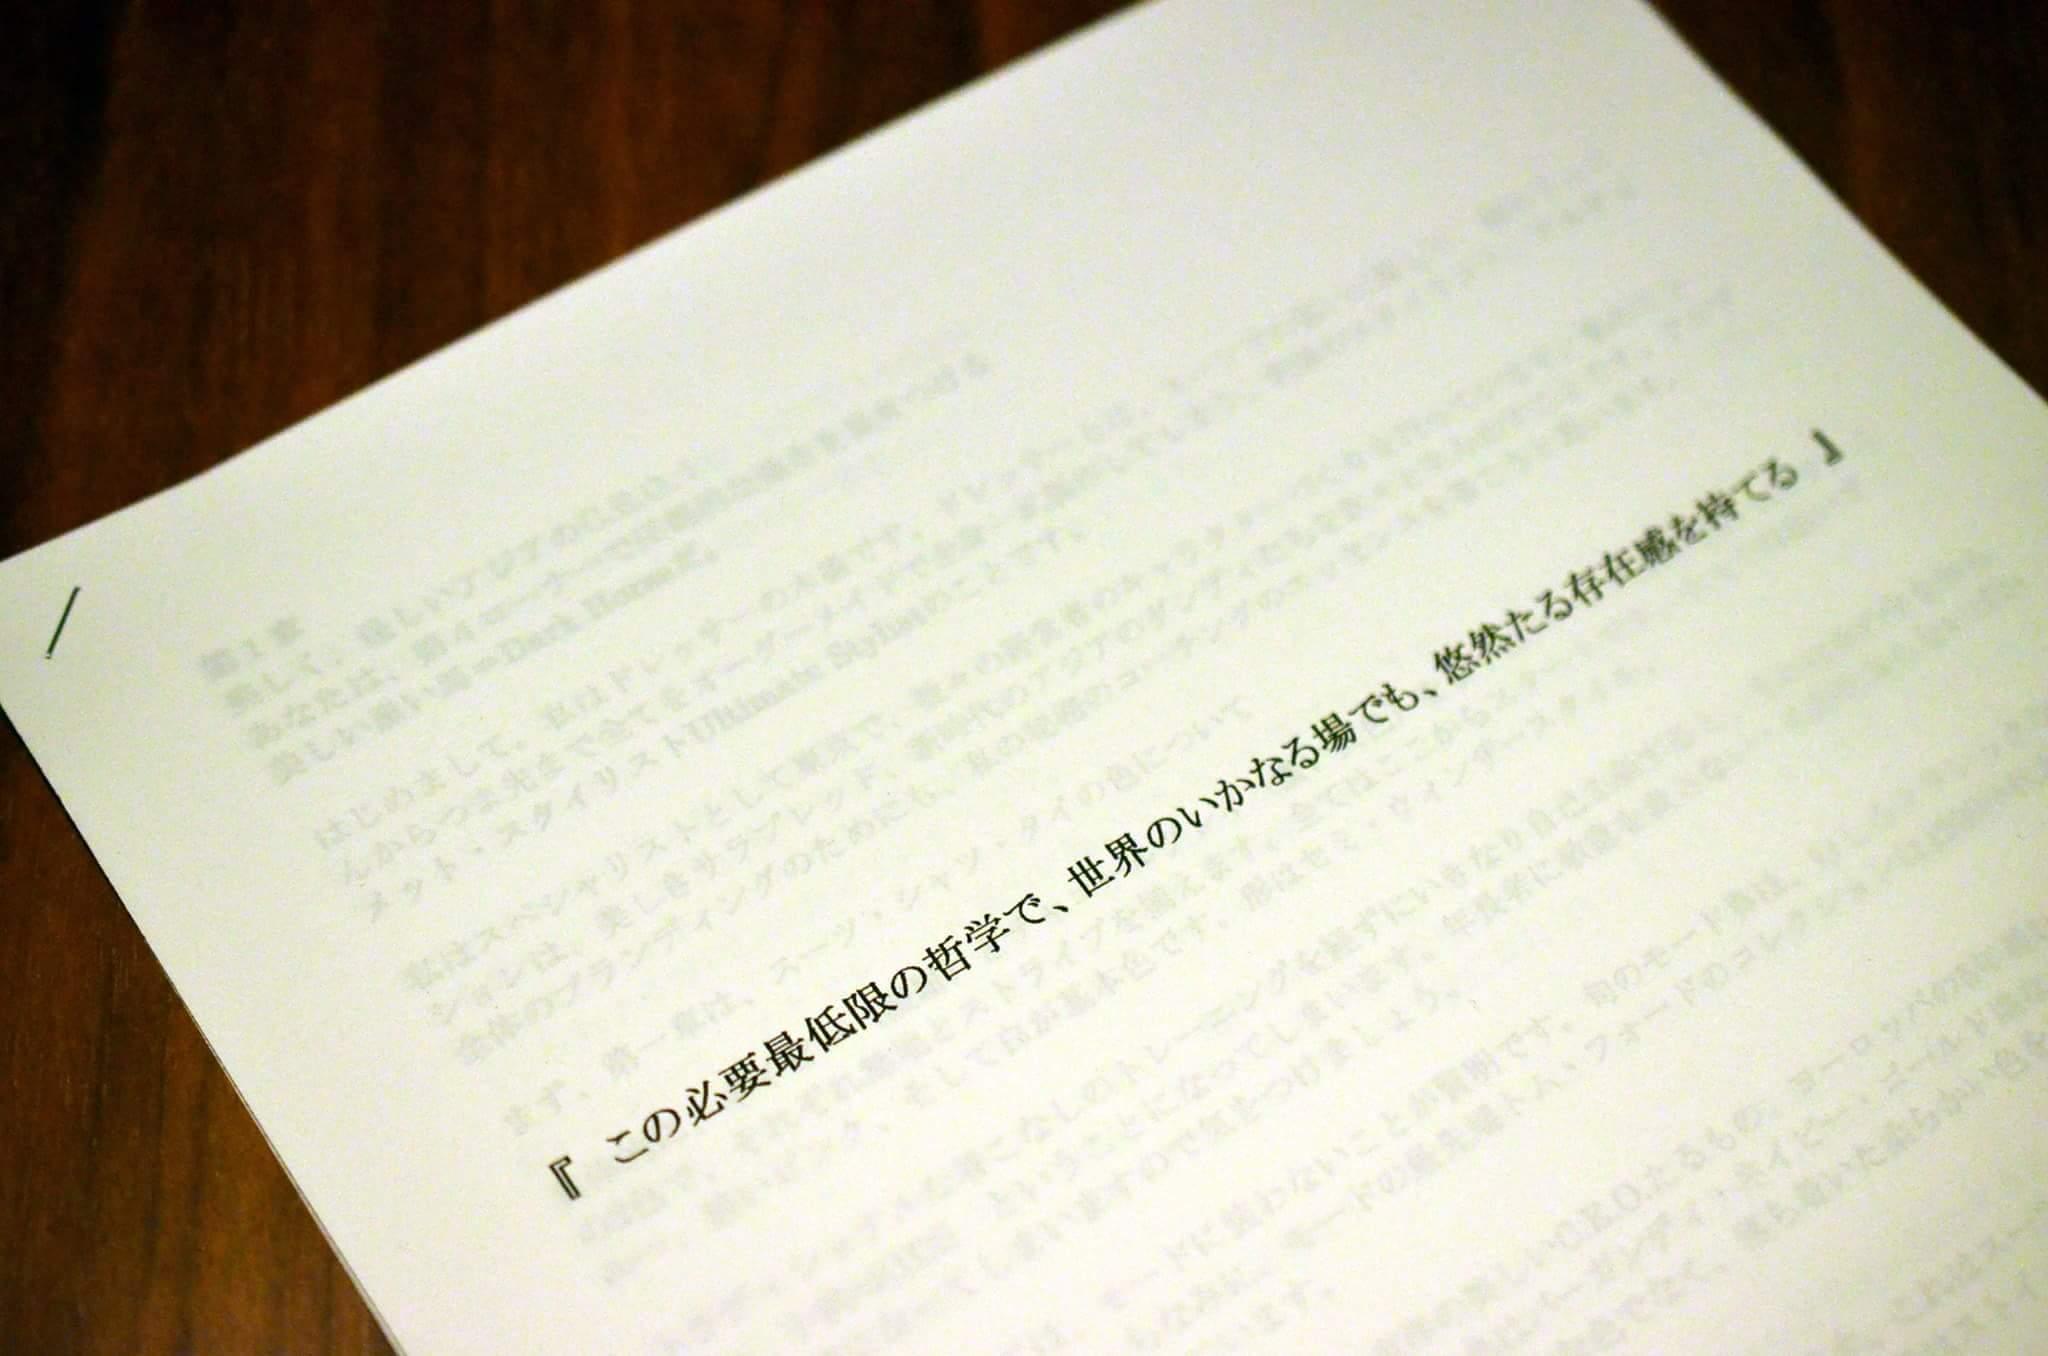 ずっと金沢で、男と女 ~ モダン・ジェントルマン・スタイル講座_e0334462_23021740.jpeg